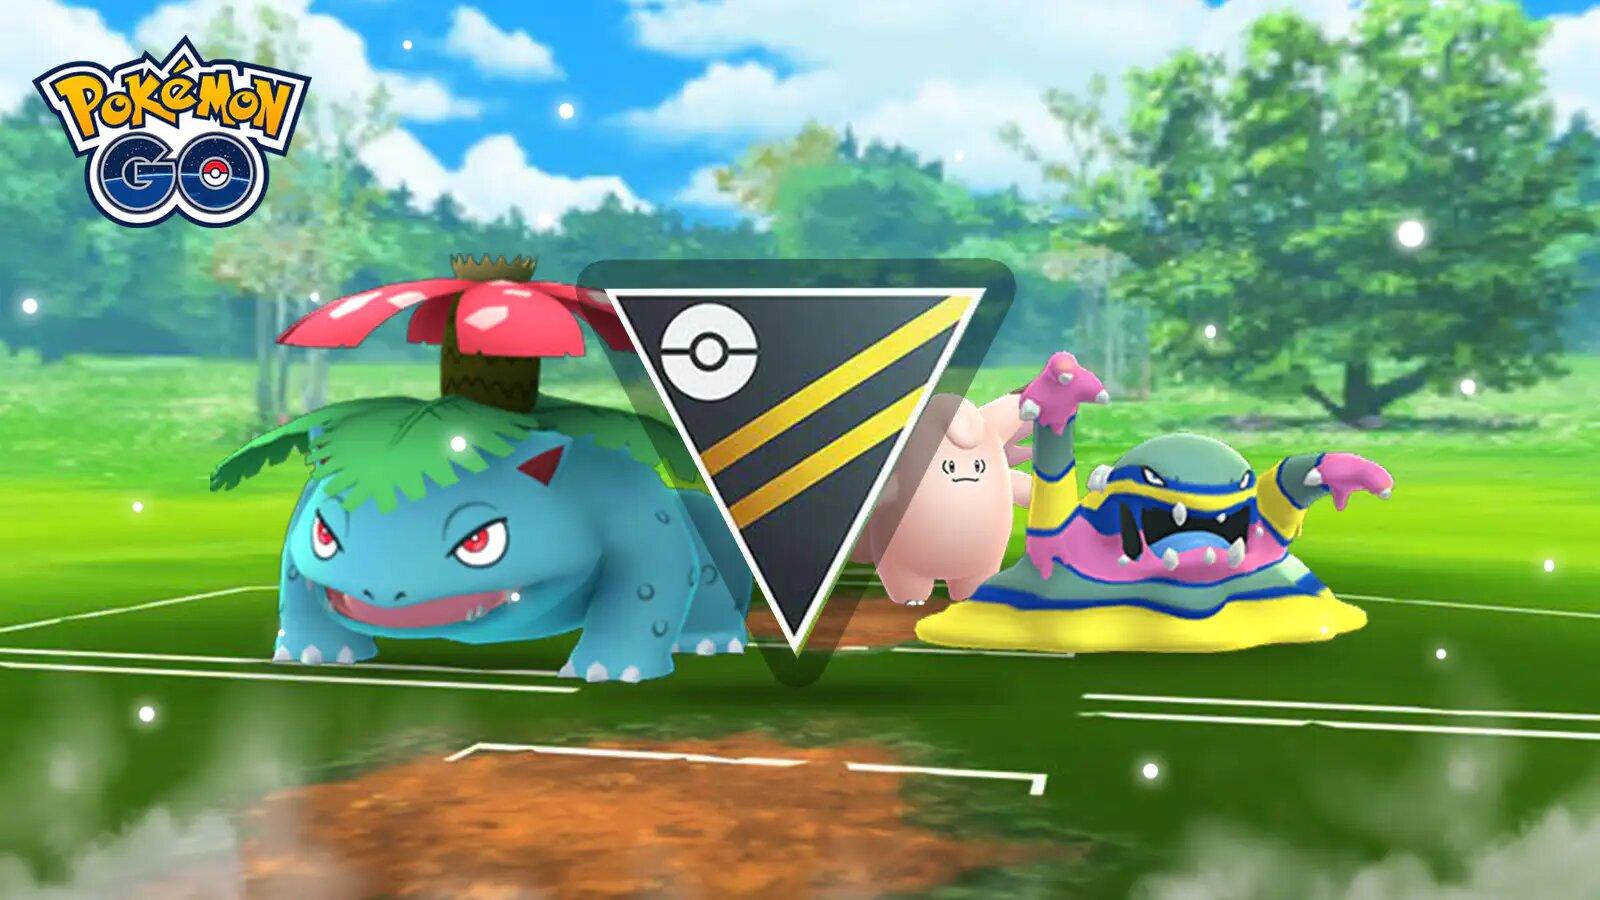 Pokemon go ultra league tier list